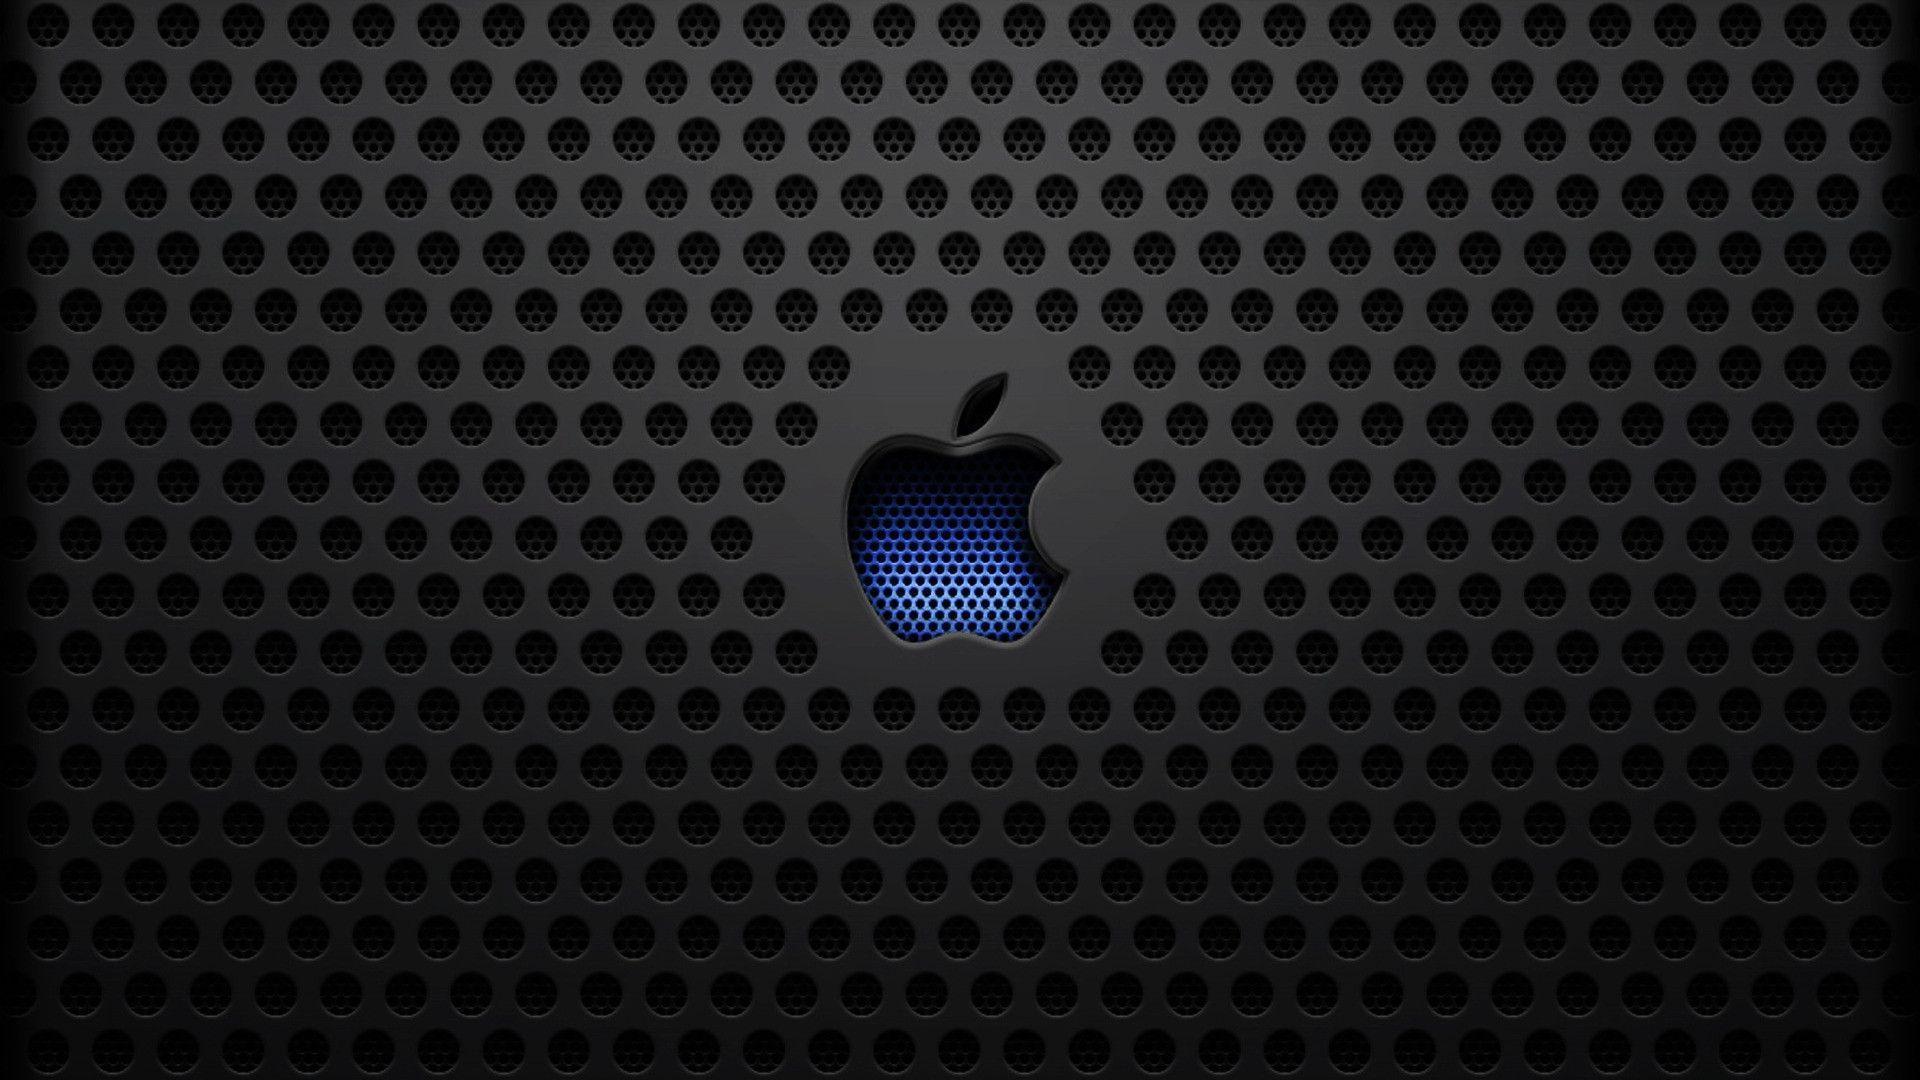 Marvelous Wallpaper Apple Black Pic Gtgtgt Best Wallpaper